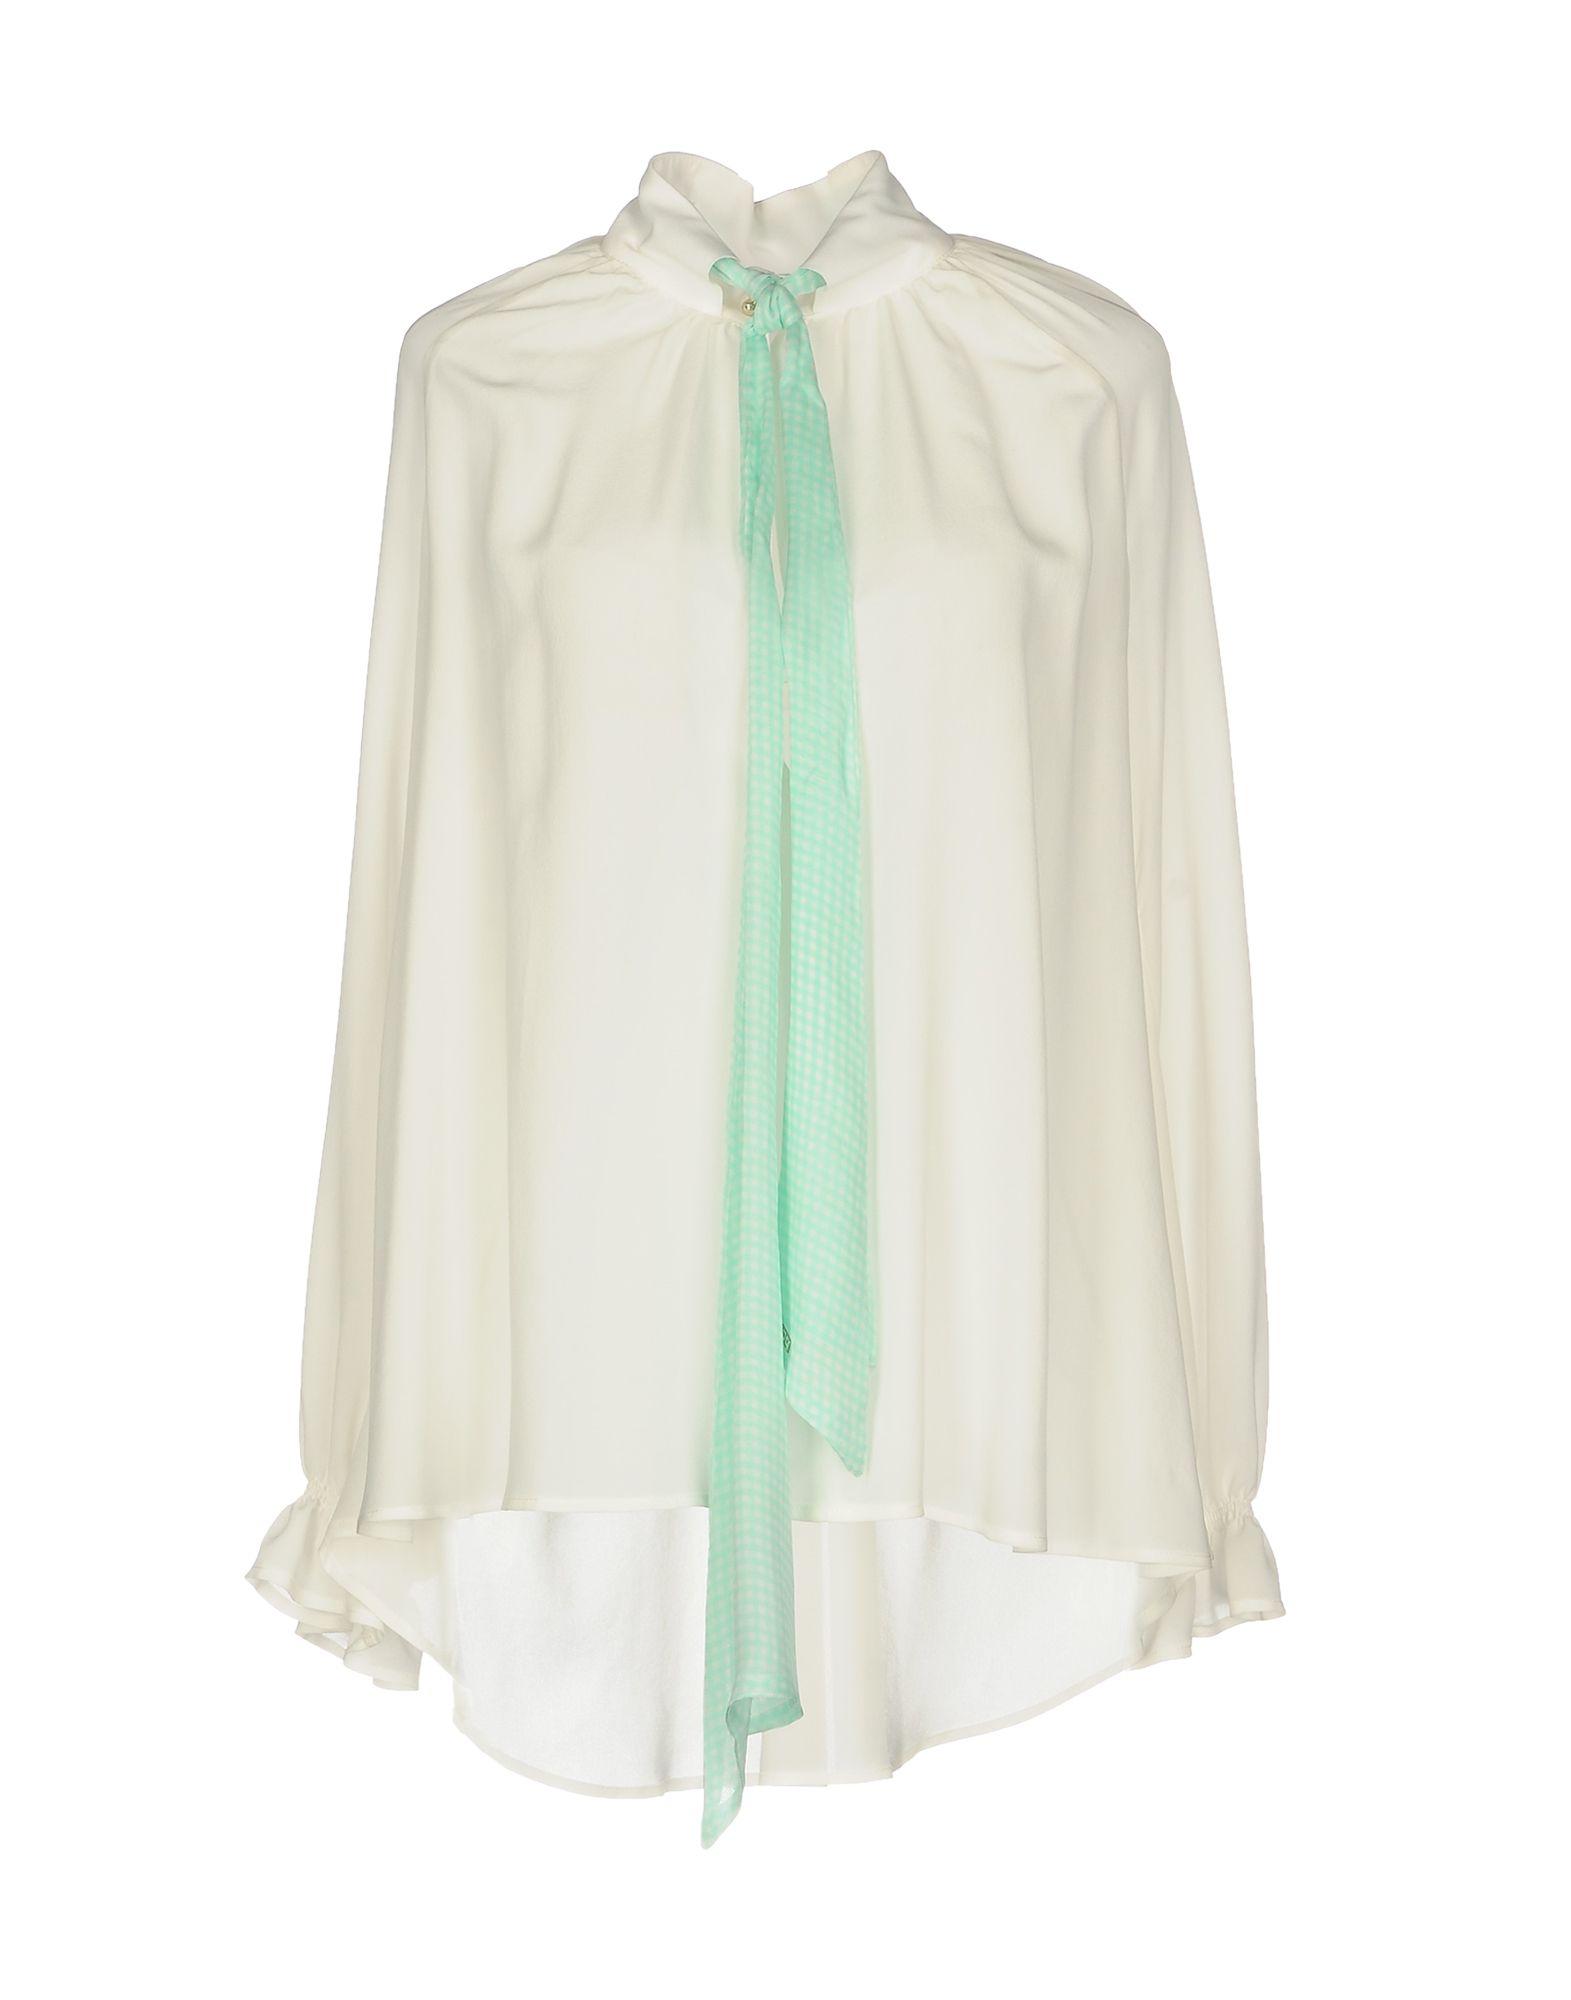 Camicie E Bluse In Seta Elisabetta Franchi 24 Ore Donna - Acquista online su 3e5Rjlii